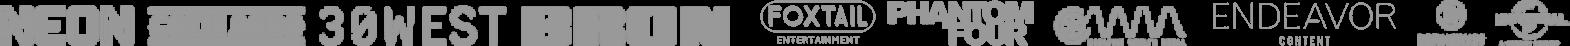 footer-studioLogo